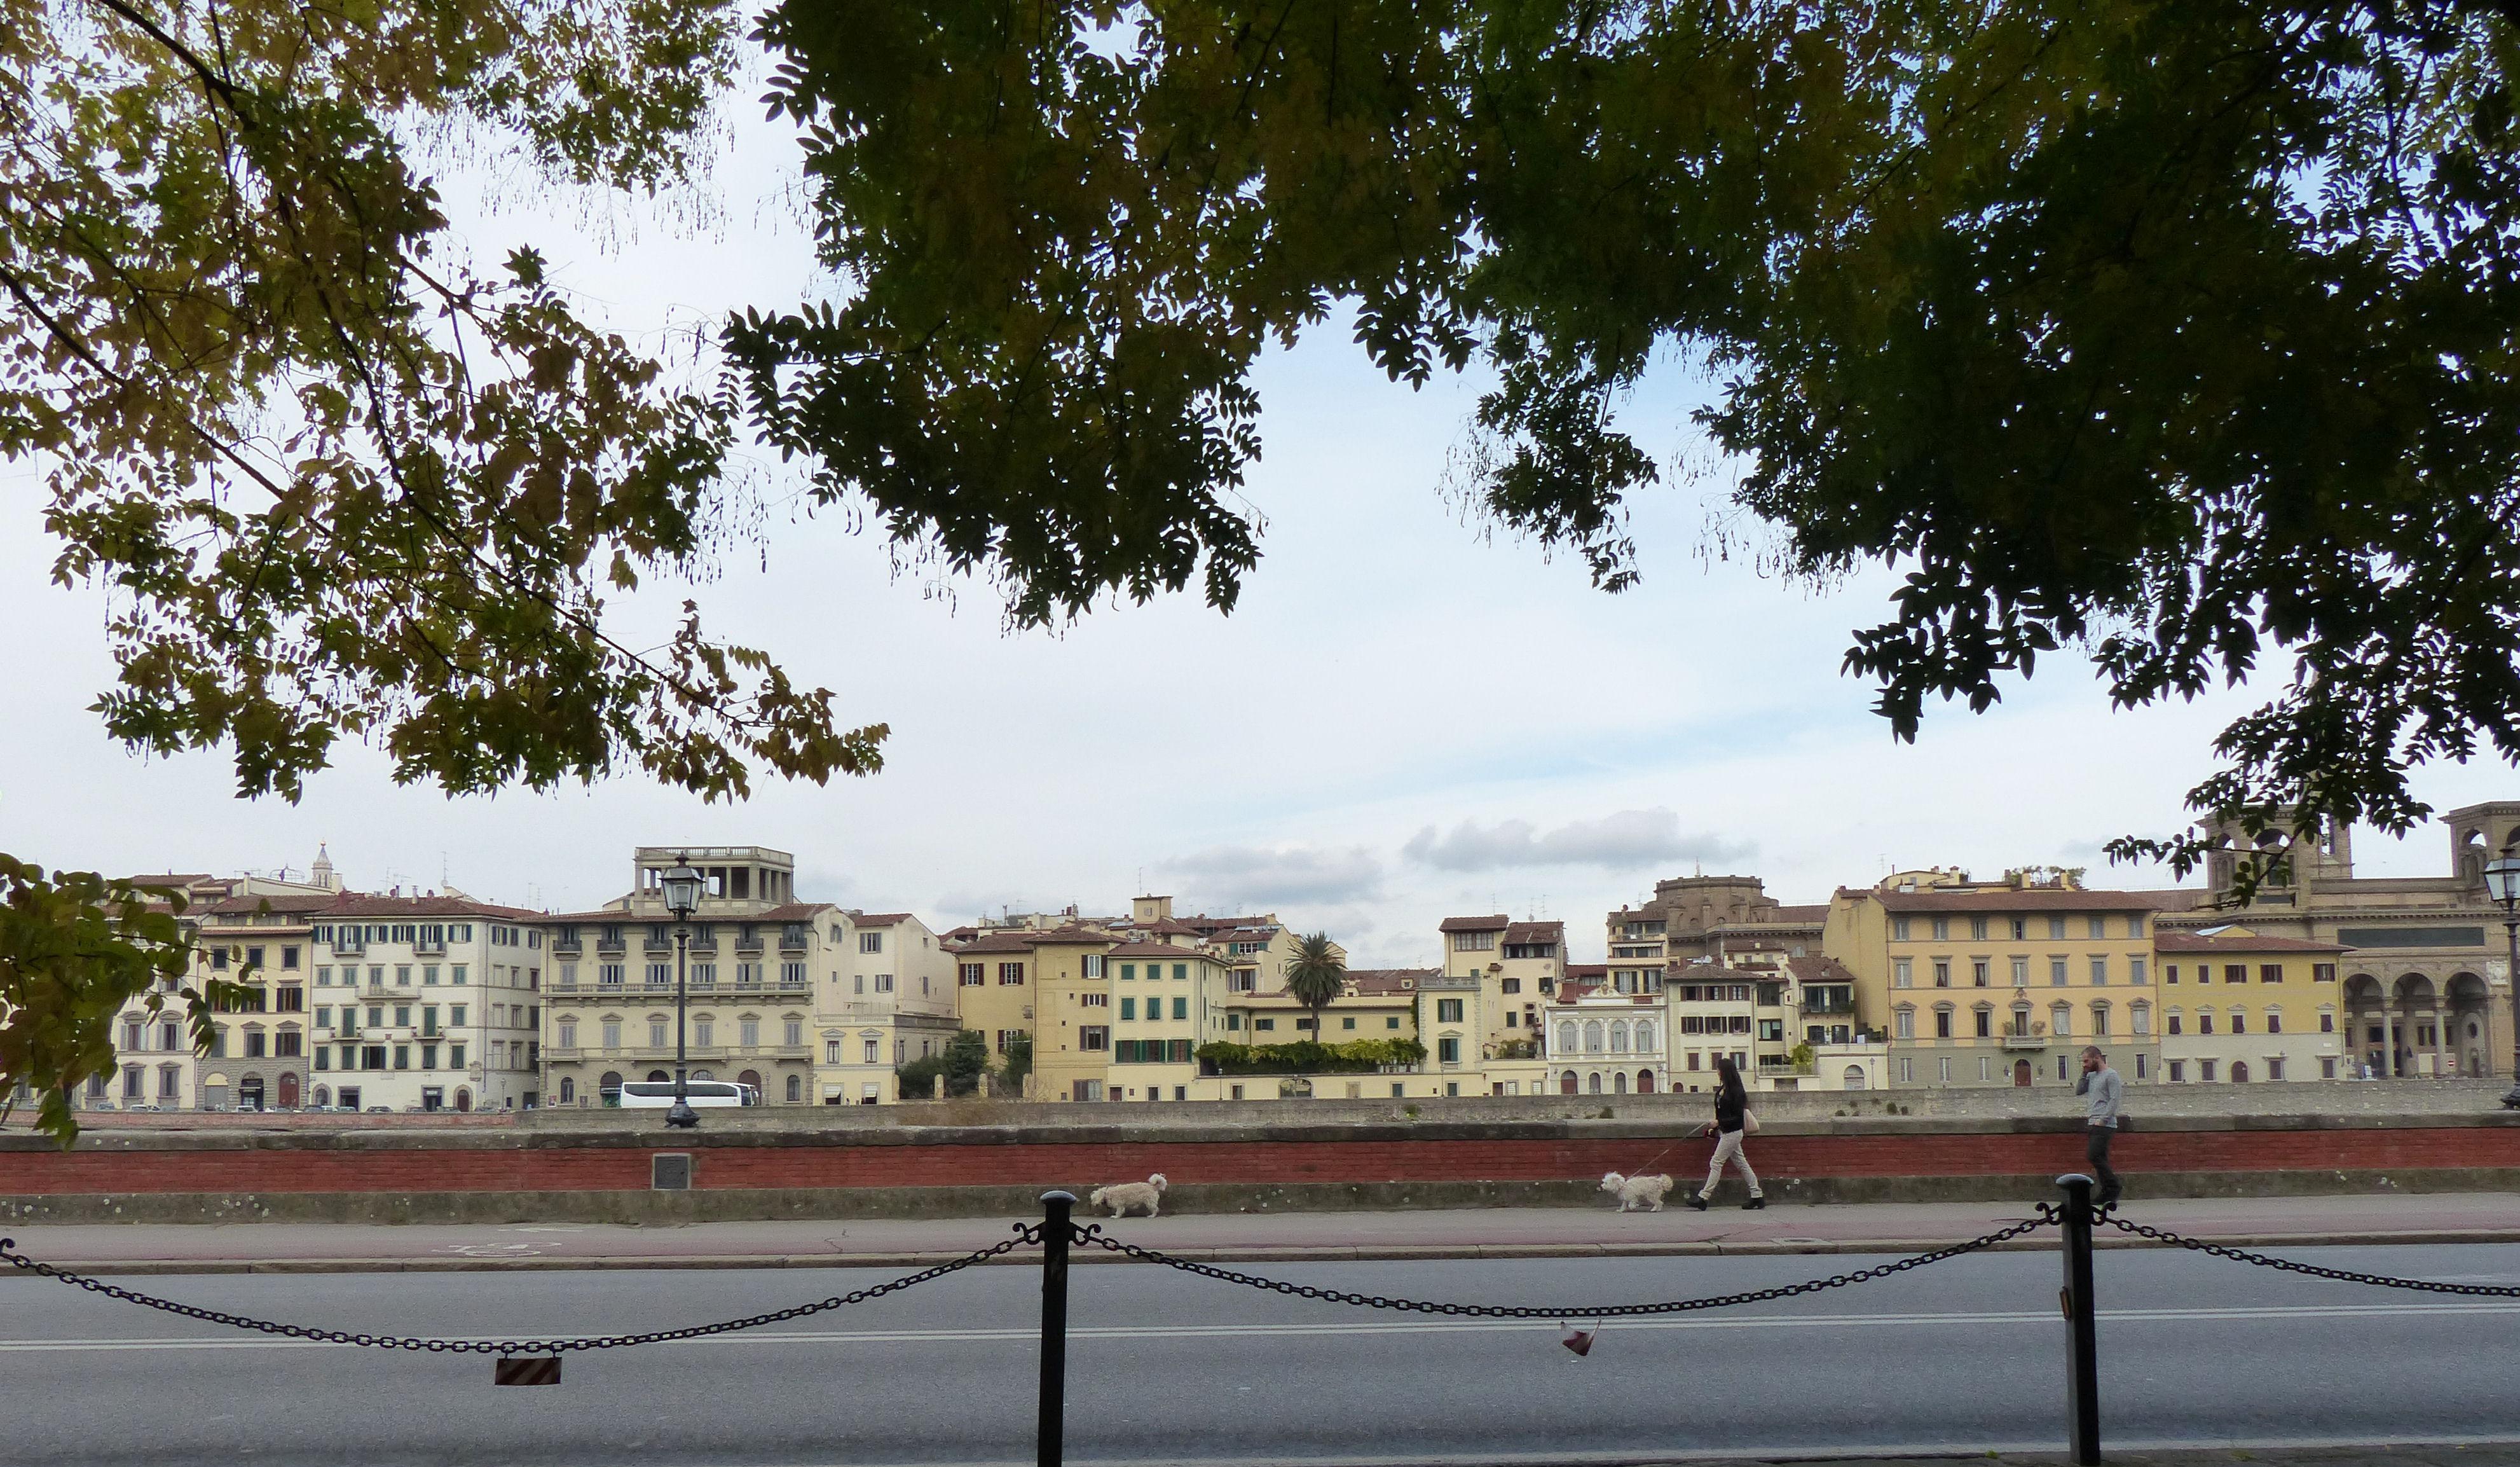 © Dipartimento di Scienze della Vita, Università di Trieste<br>by Andrea Moro<br>Comune di Firenze, Centro storico, FI, Toscana, Italia, 02/11/2017<br>Distributed under CC-BY-SA 4.0 license.